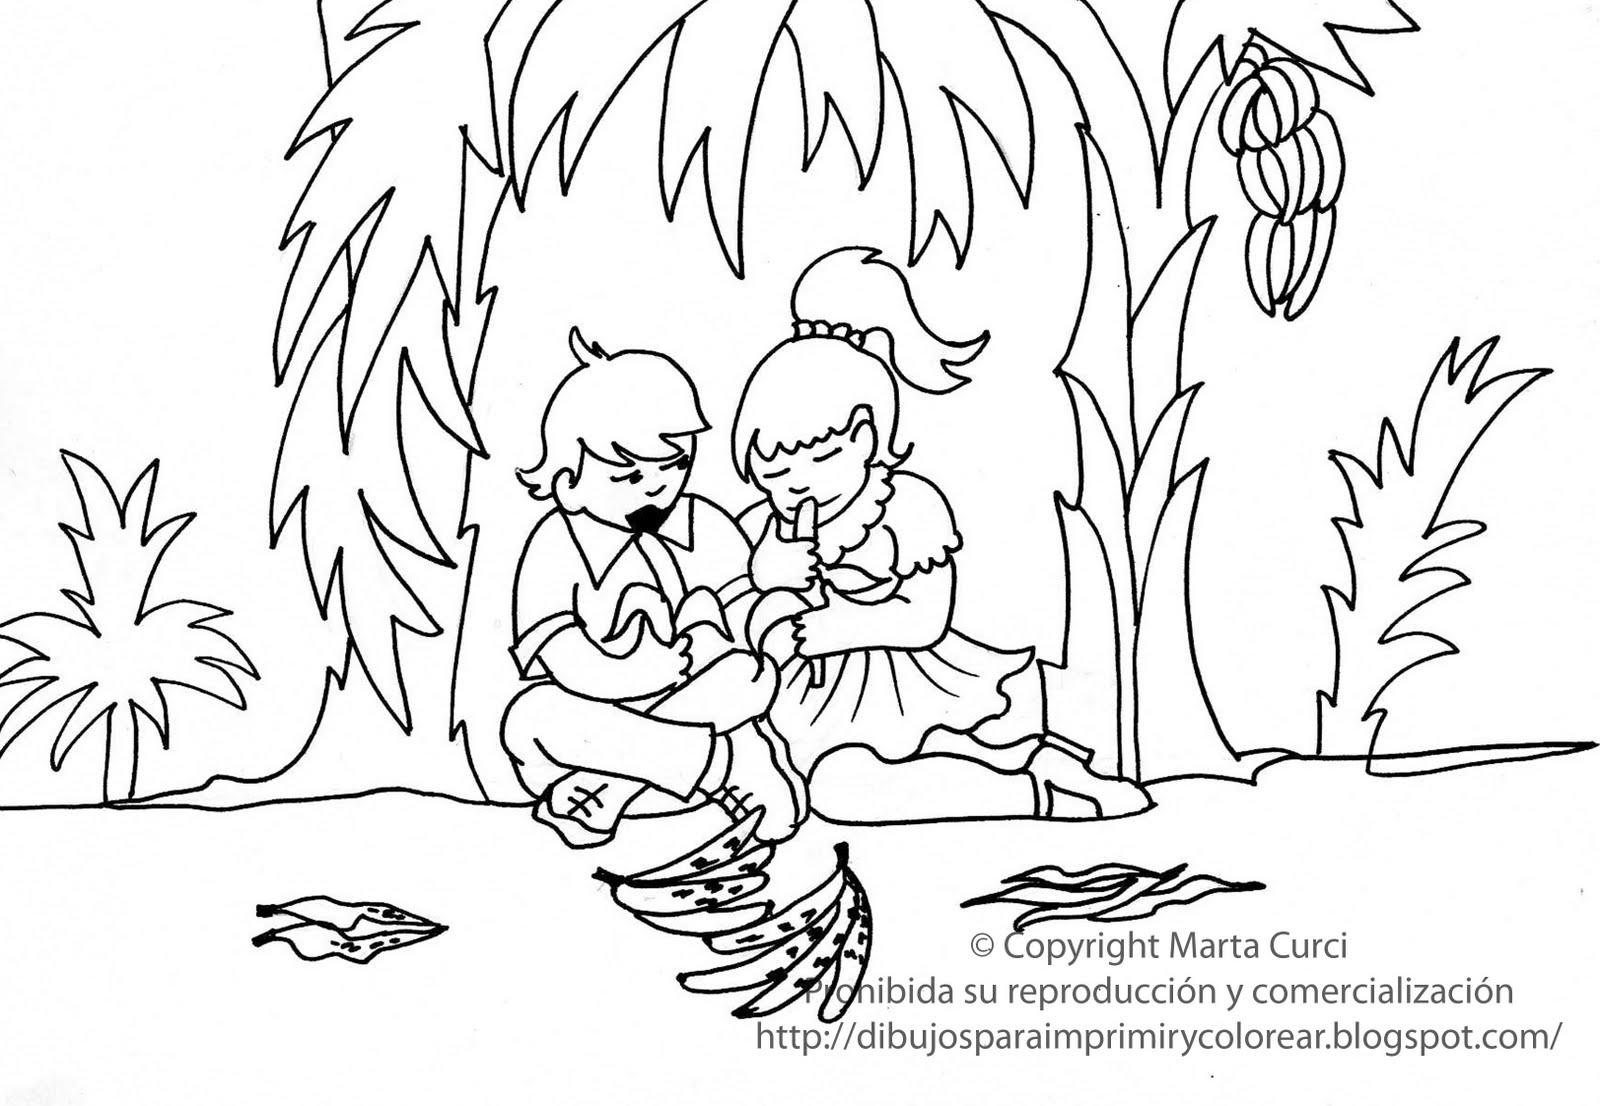 Imagenes De Niños Jugando Para Colorear E Imprimir